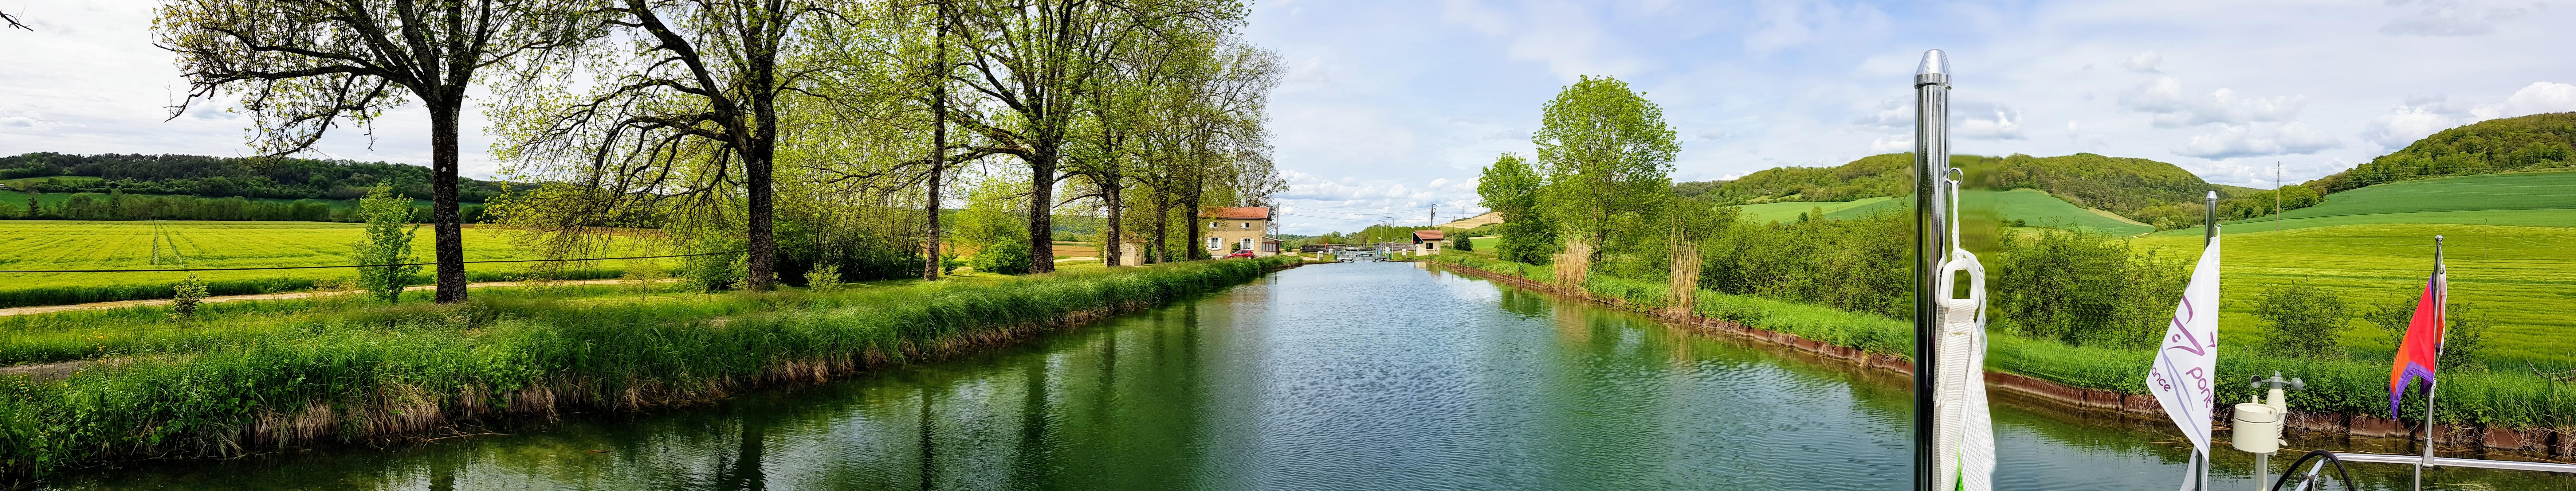 die typische Landschaft der Haute-Marne, hügelig, grün, bewaldet, Wiesen, einige Äcker und keiner da